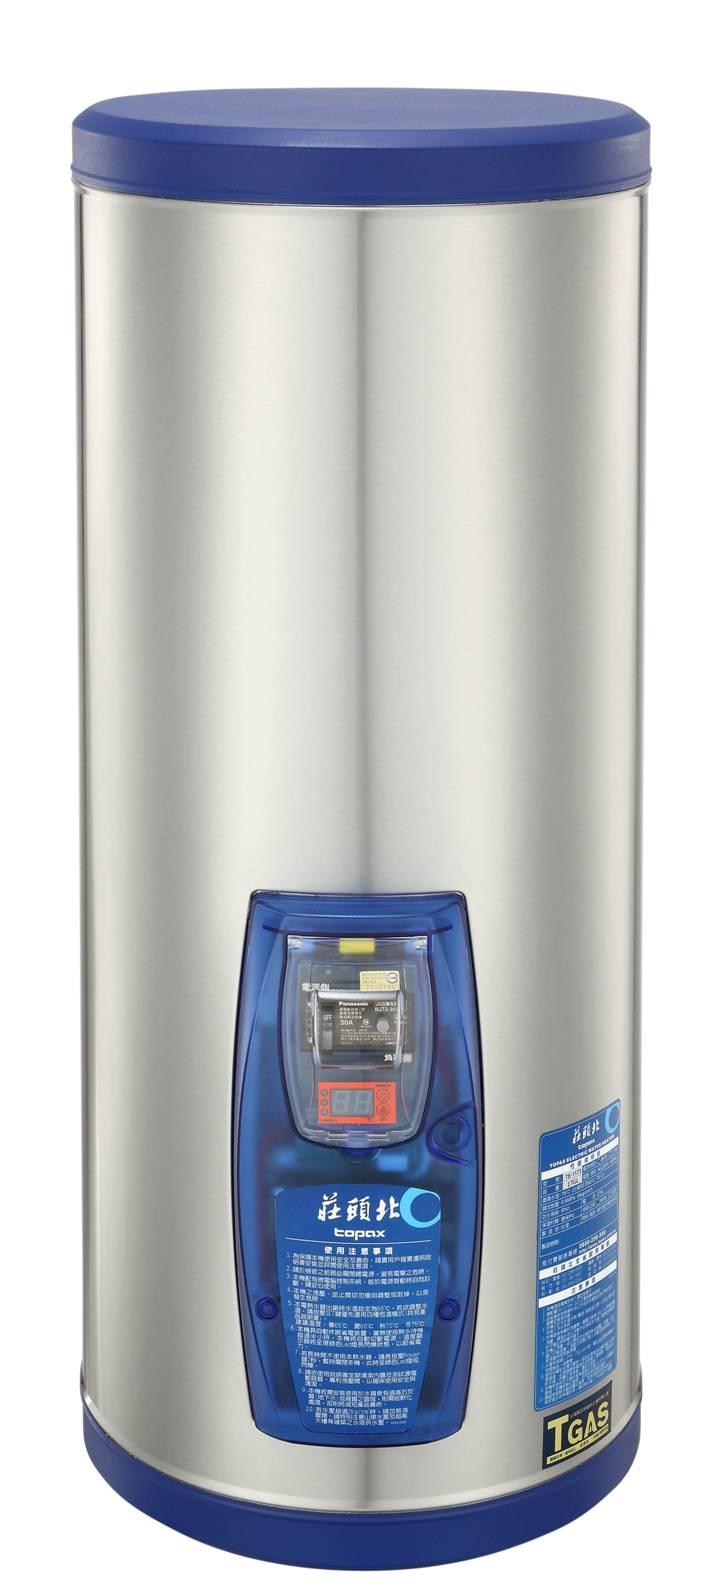 儲熱式17G  莊頭北電熱水器